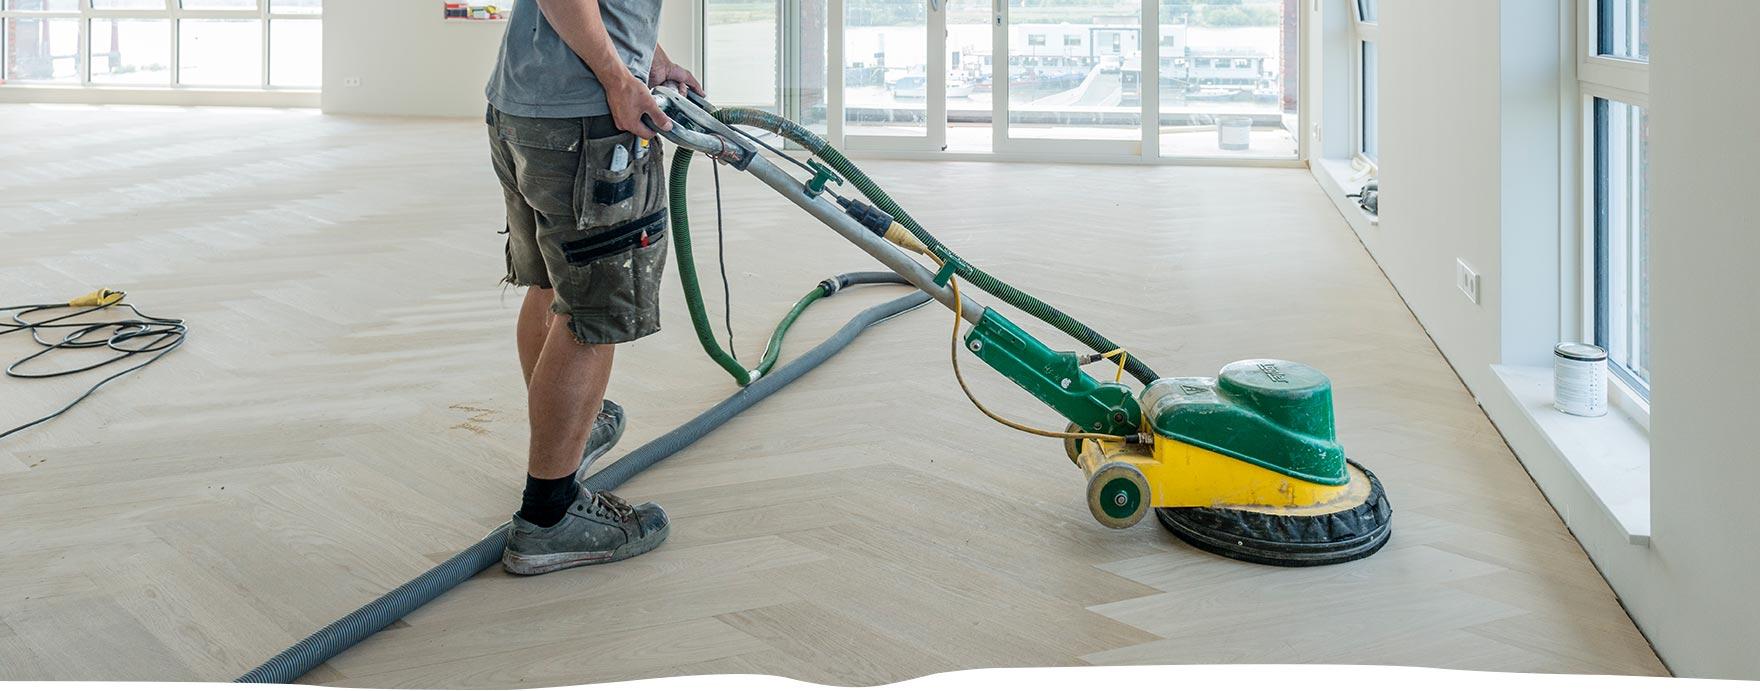 Weense punt duoplank op vloerverwarming - De Hout Snip